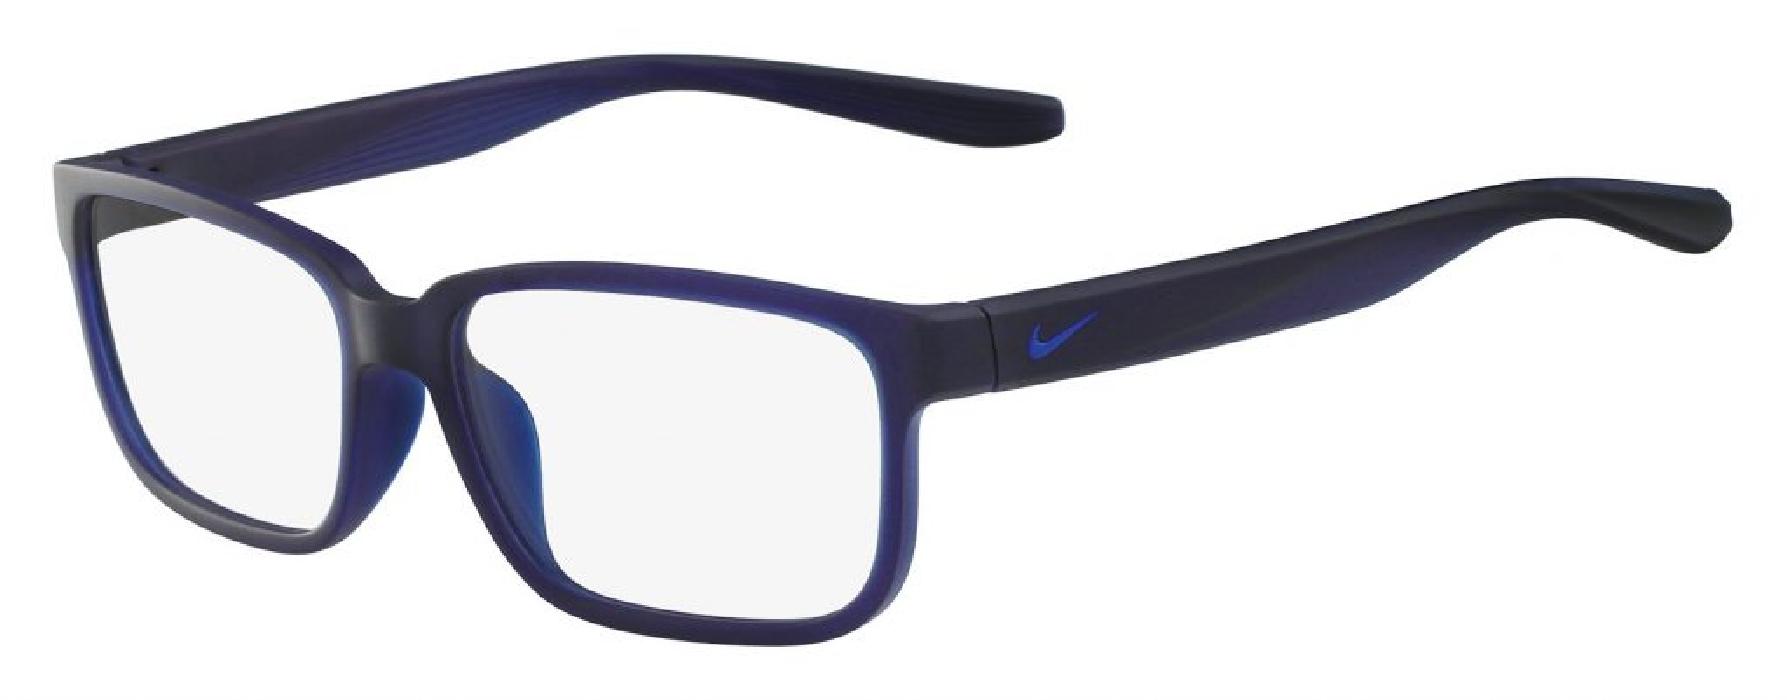 An image of Nike 7102 Matte Navy